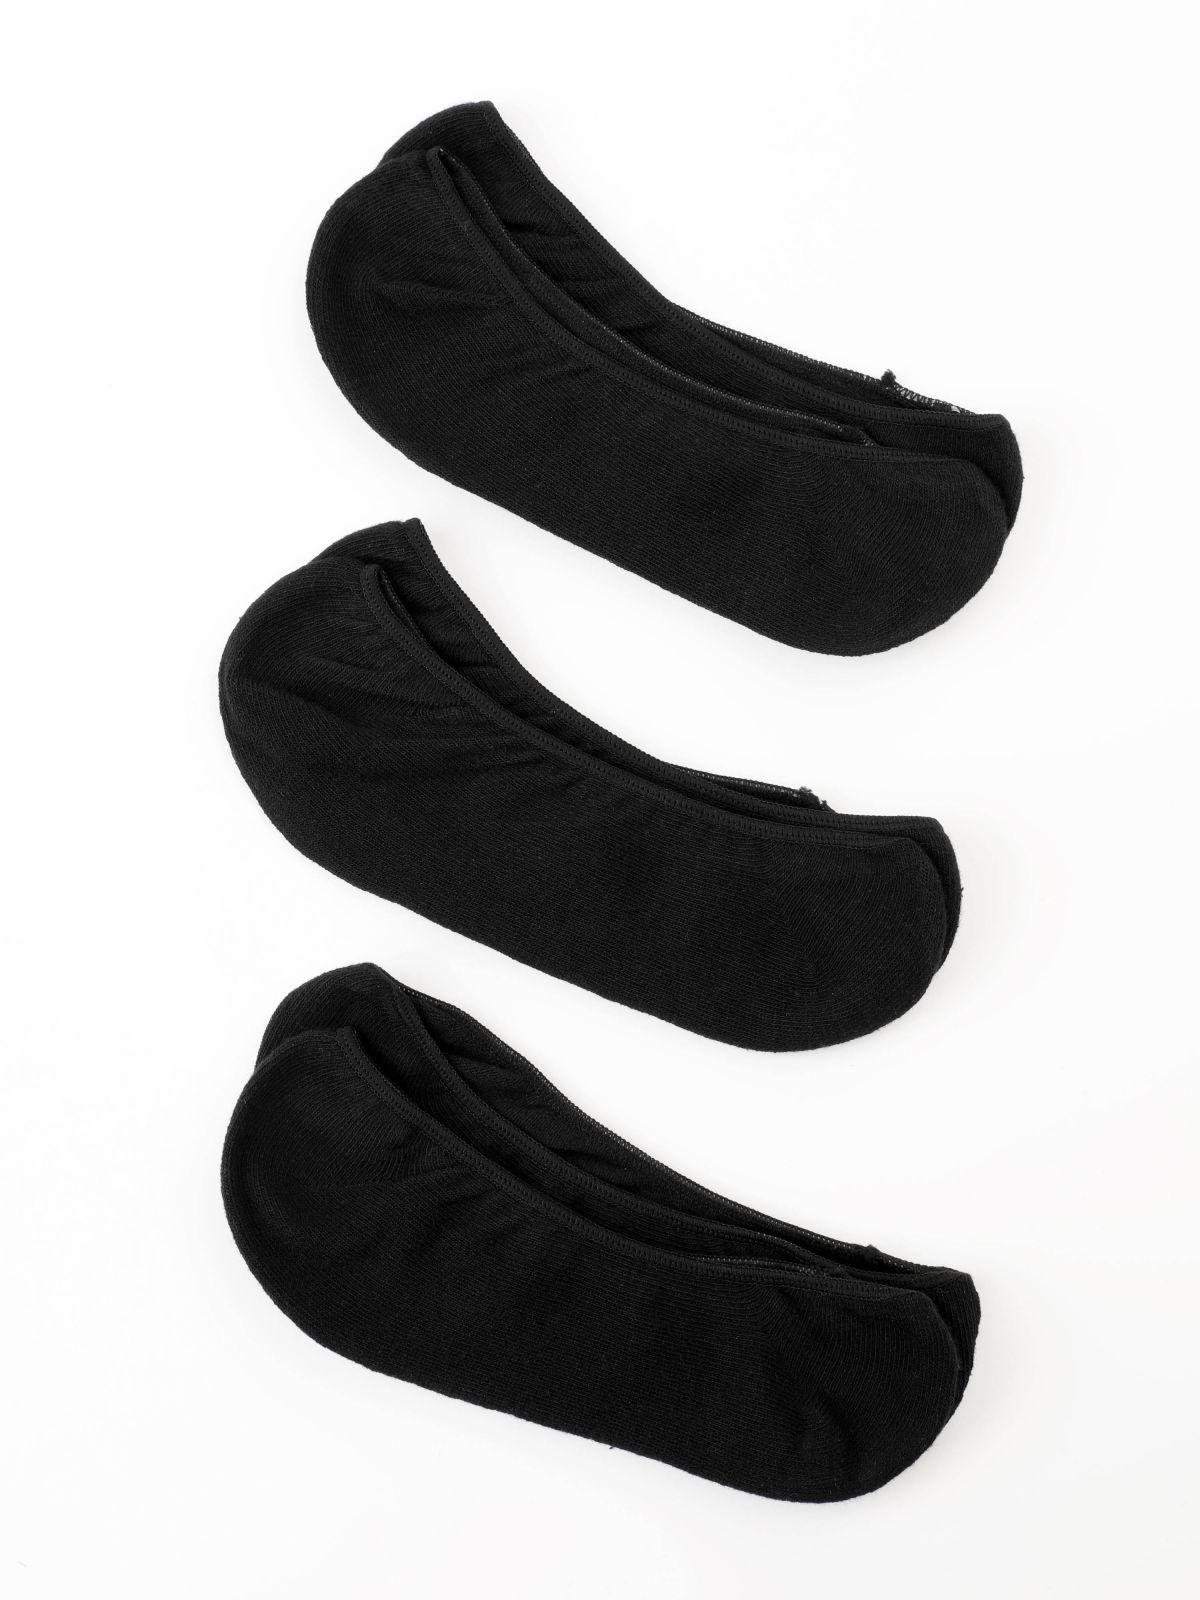 מארז 3 גרביים נמוכים / נשיםמארז 3 גרביים נמוכים / נשים של FOX